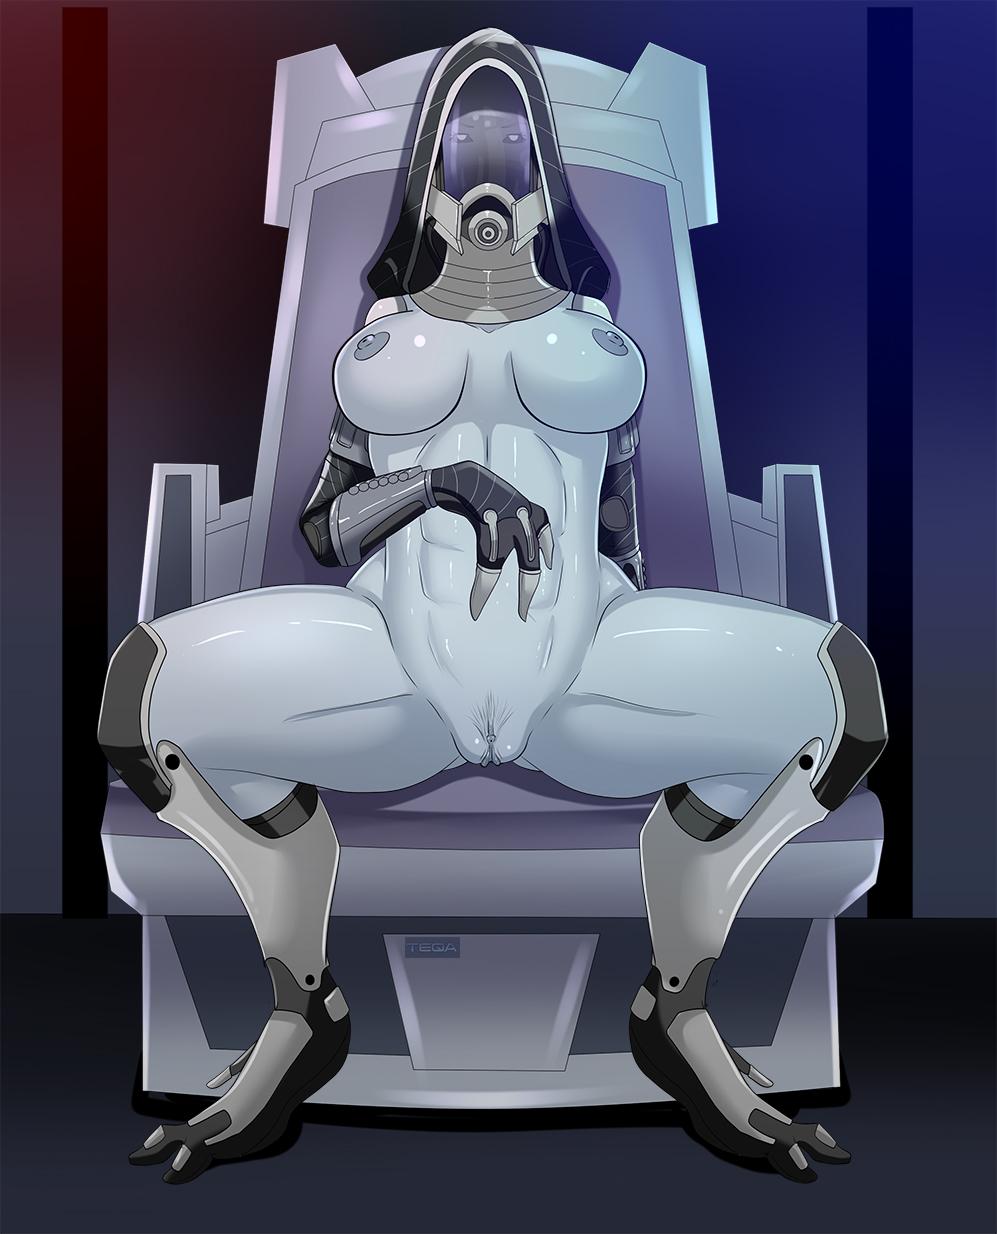 Jizzeffect nudeskins s e x anime scenes